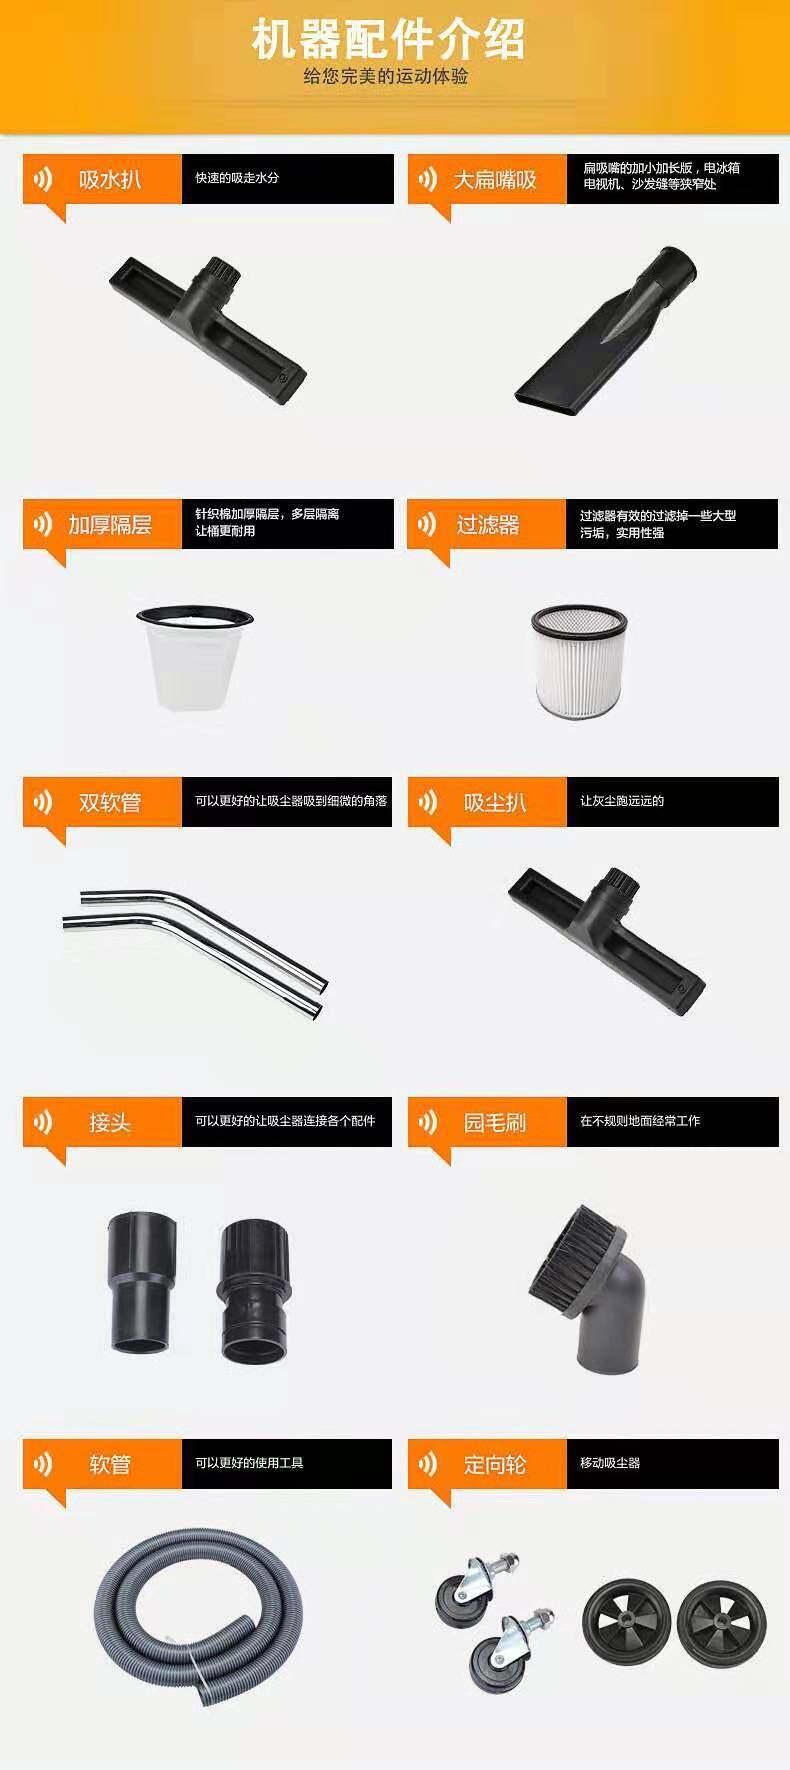 平面磨床吸尘器 工业粉末吸尘器车间干湿两用强吸力吸尘器示例图21